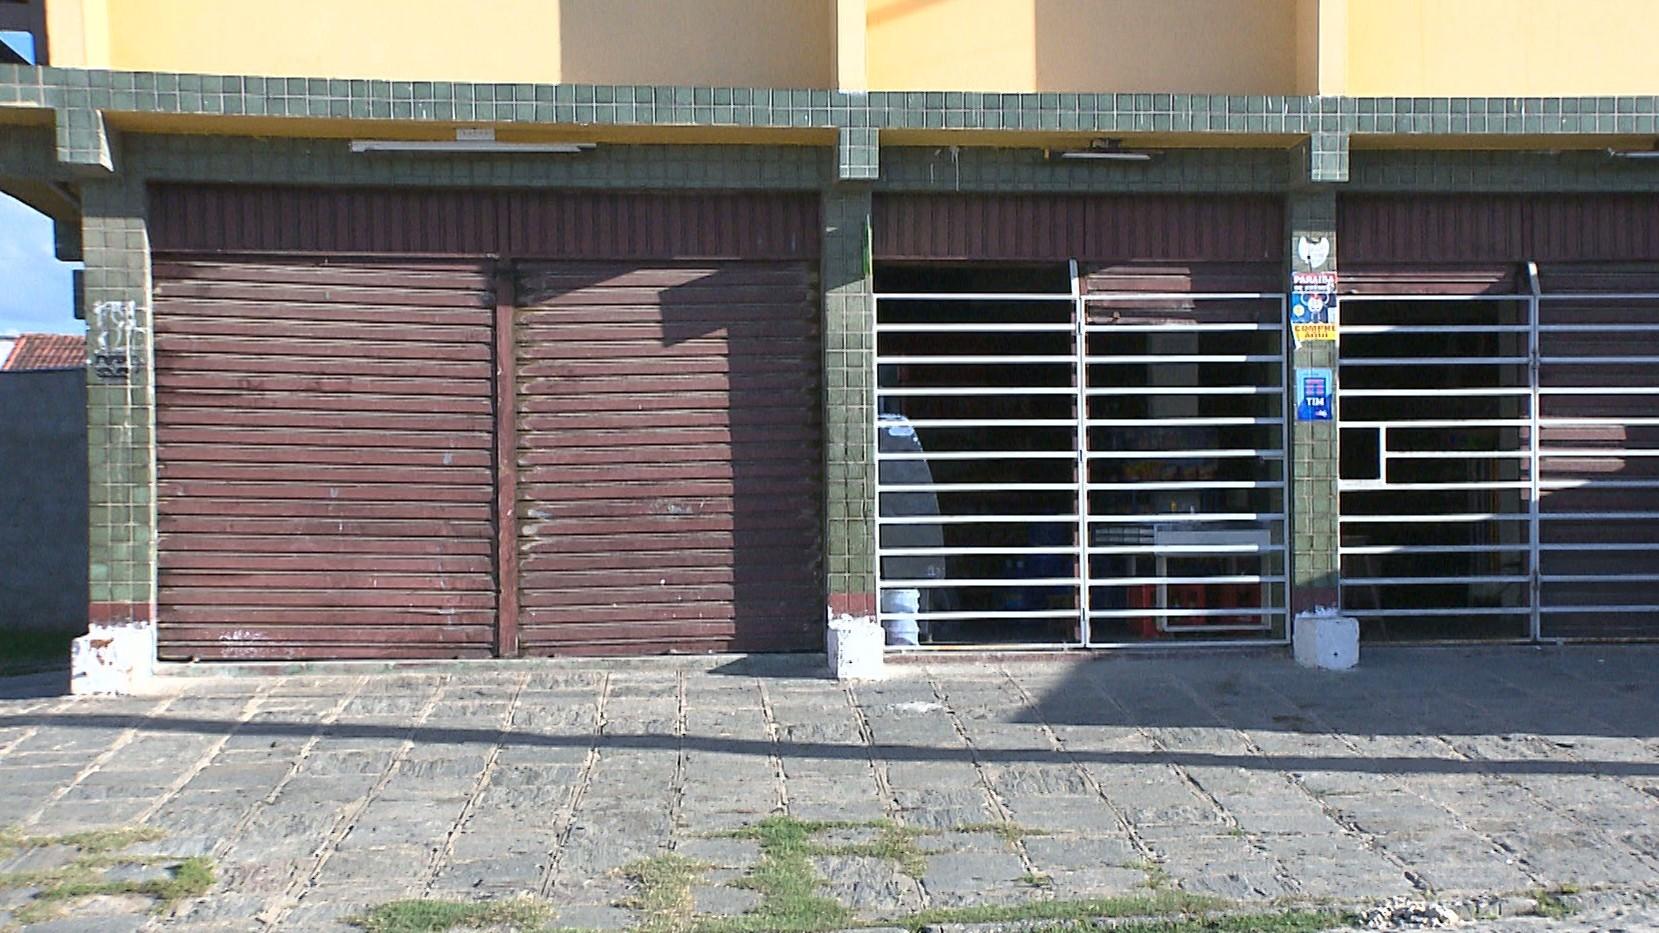 Suspeitos usam táxi para arrombar depósito de bebidas, em Campina Grande